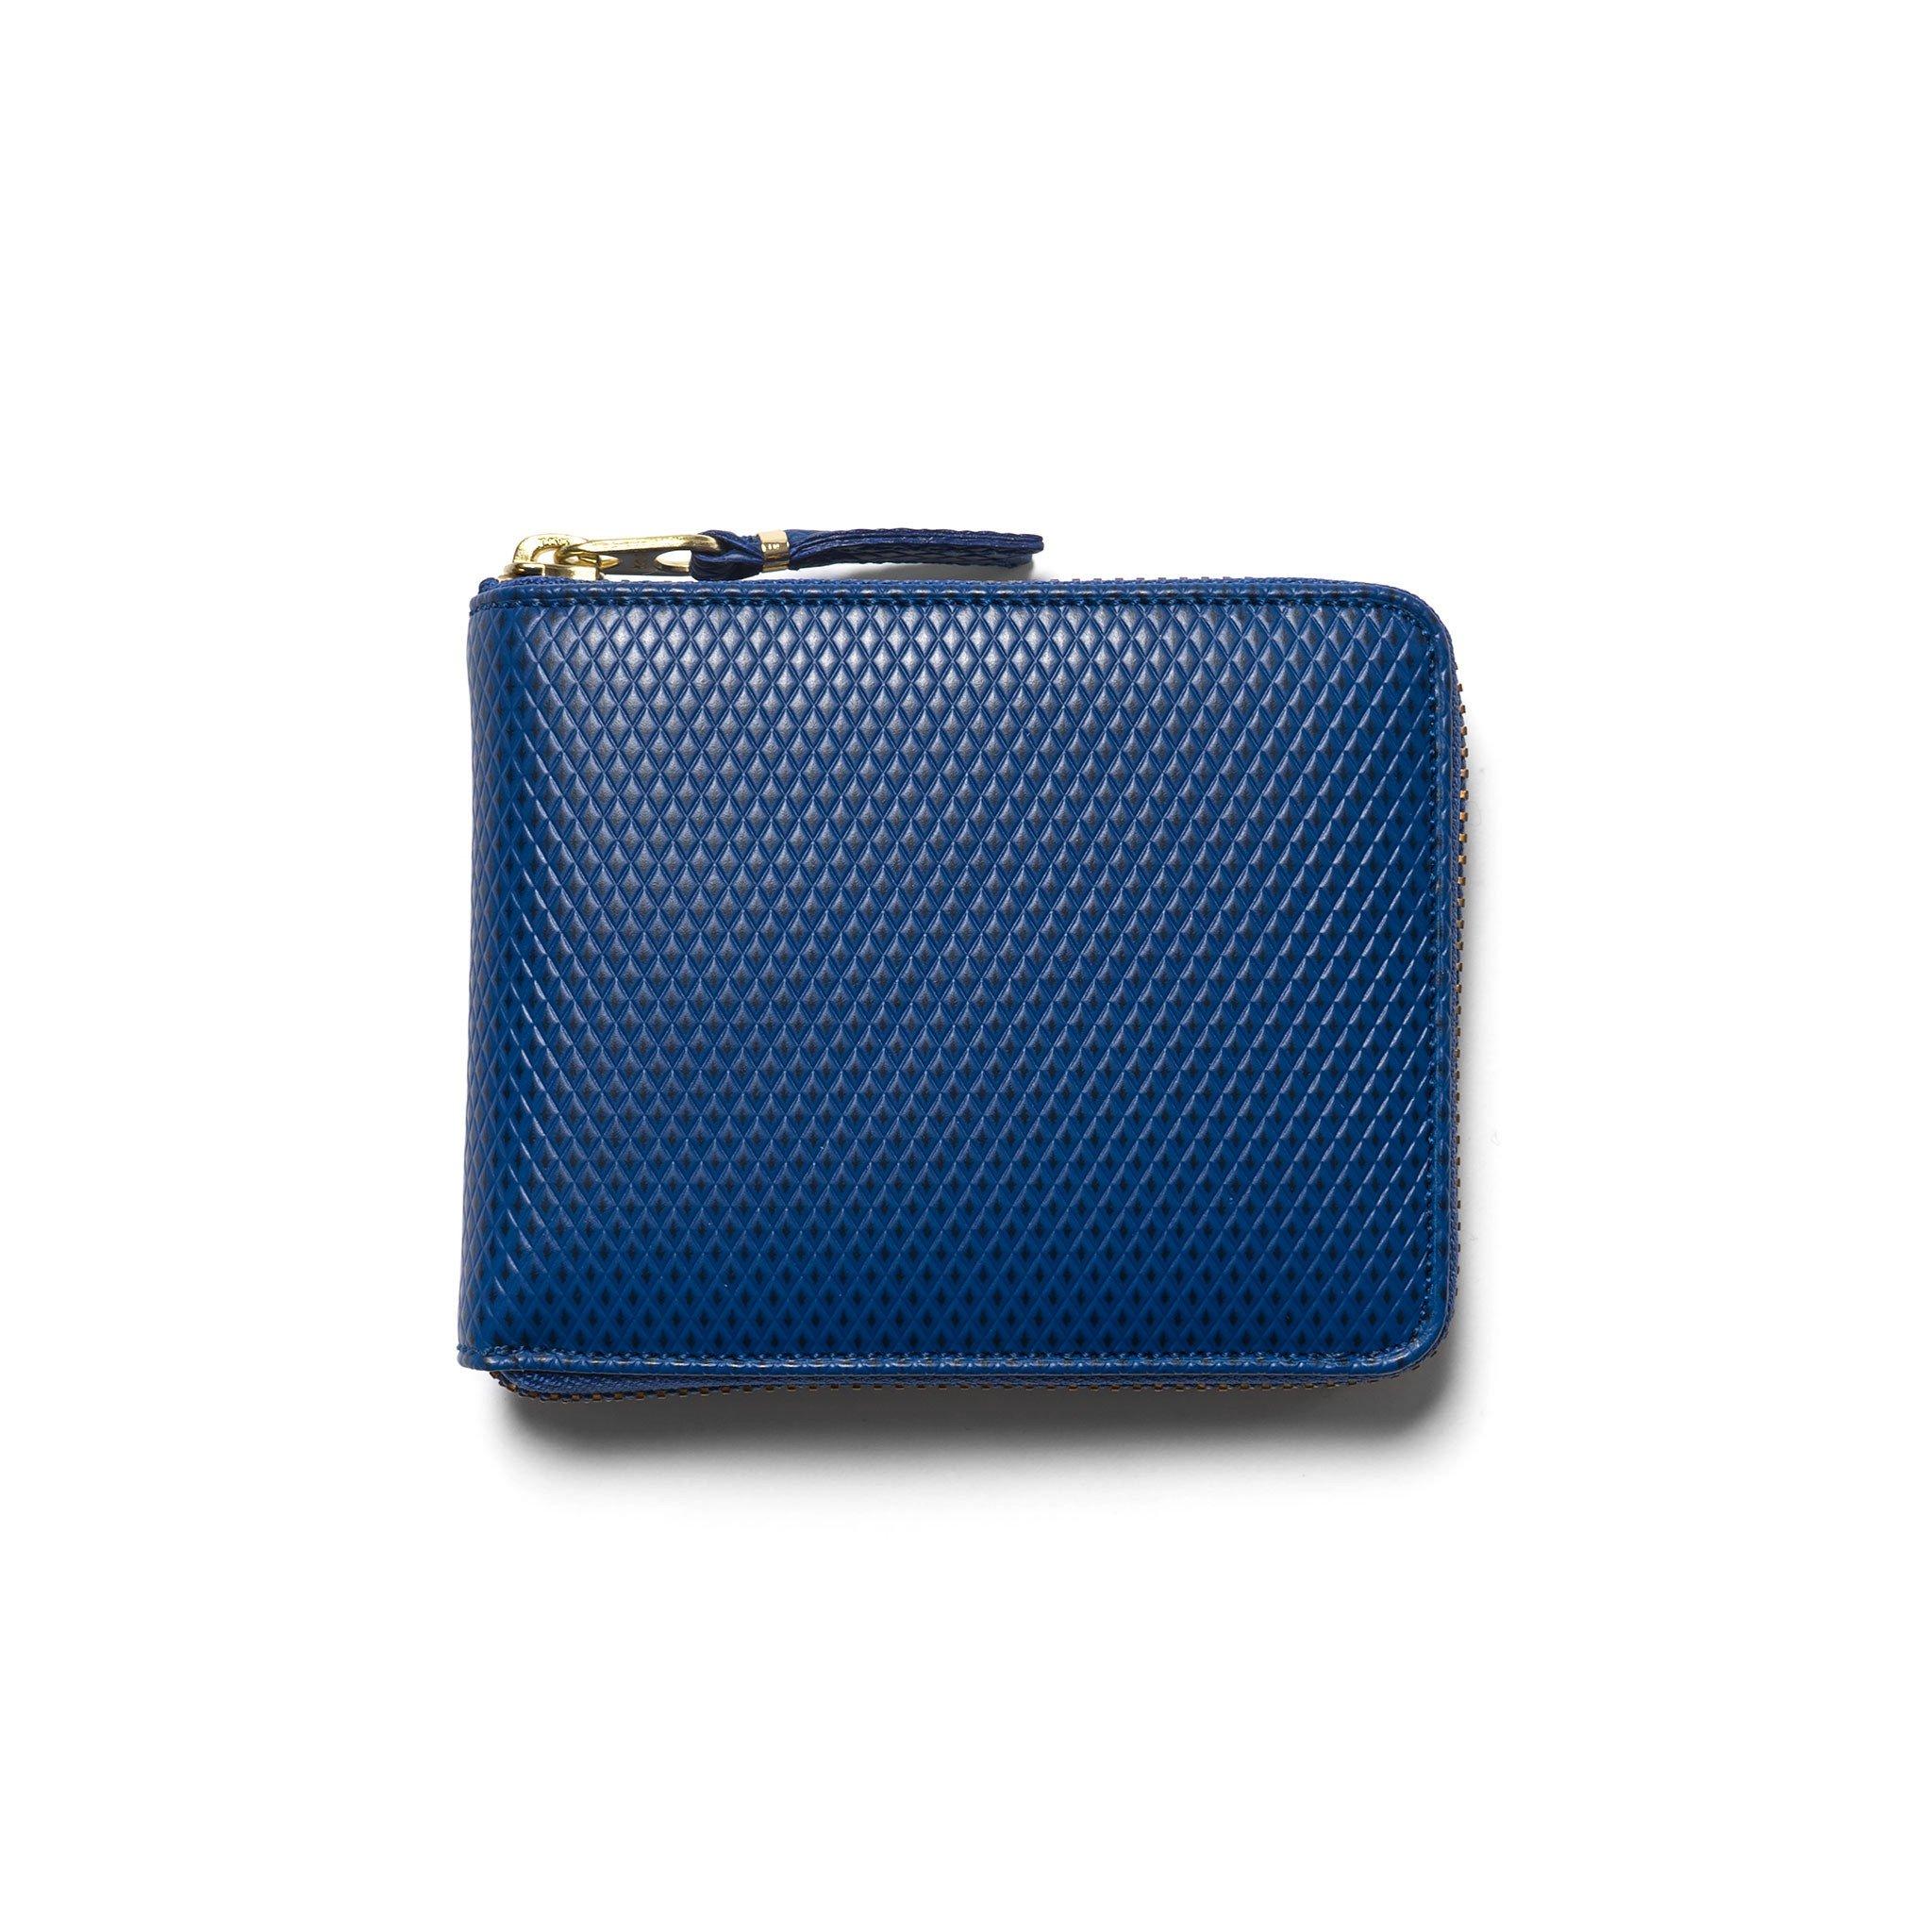 Comme De Garcons Wallet | Comme Des Garcons Coat | Comme De Garcon Wallets